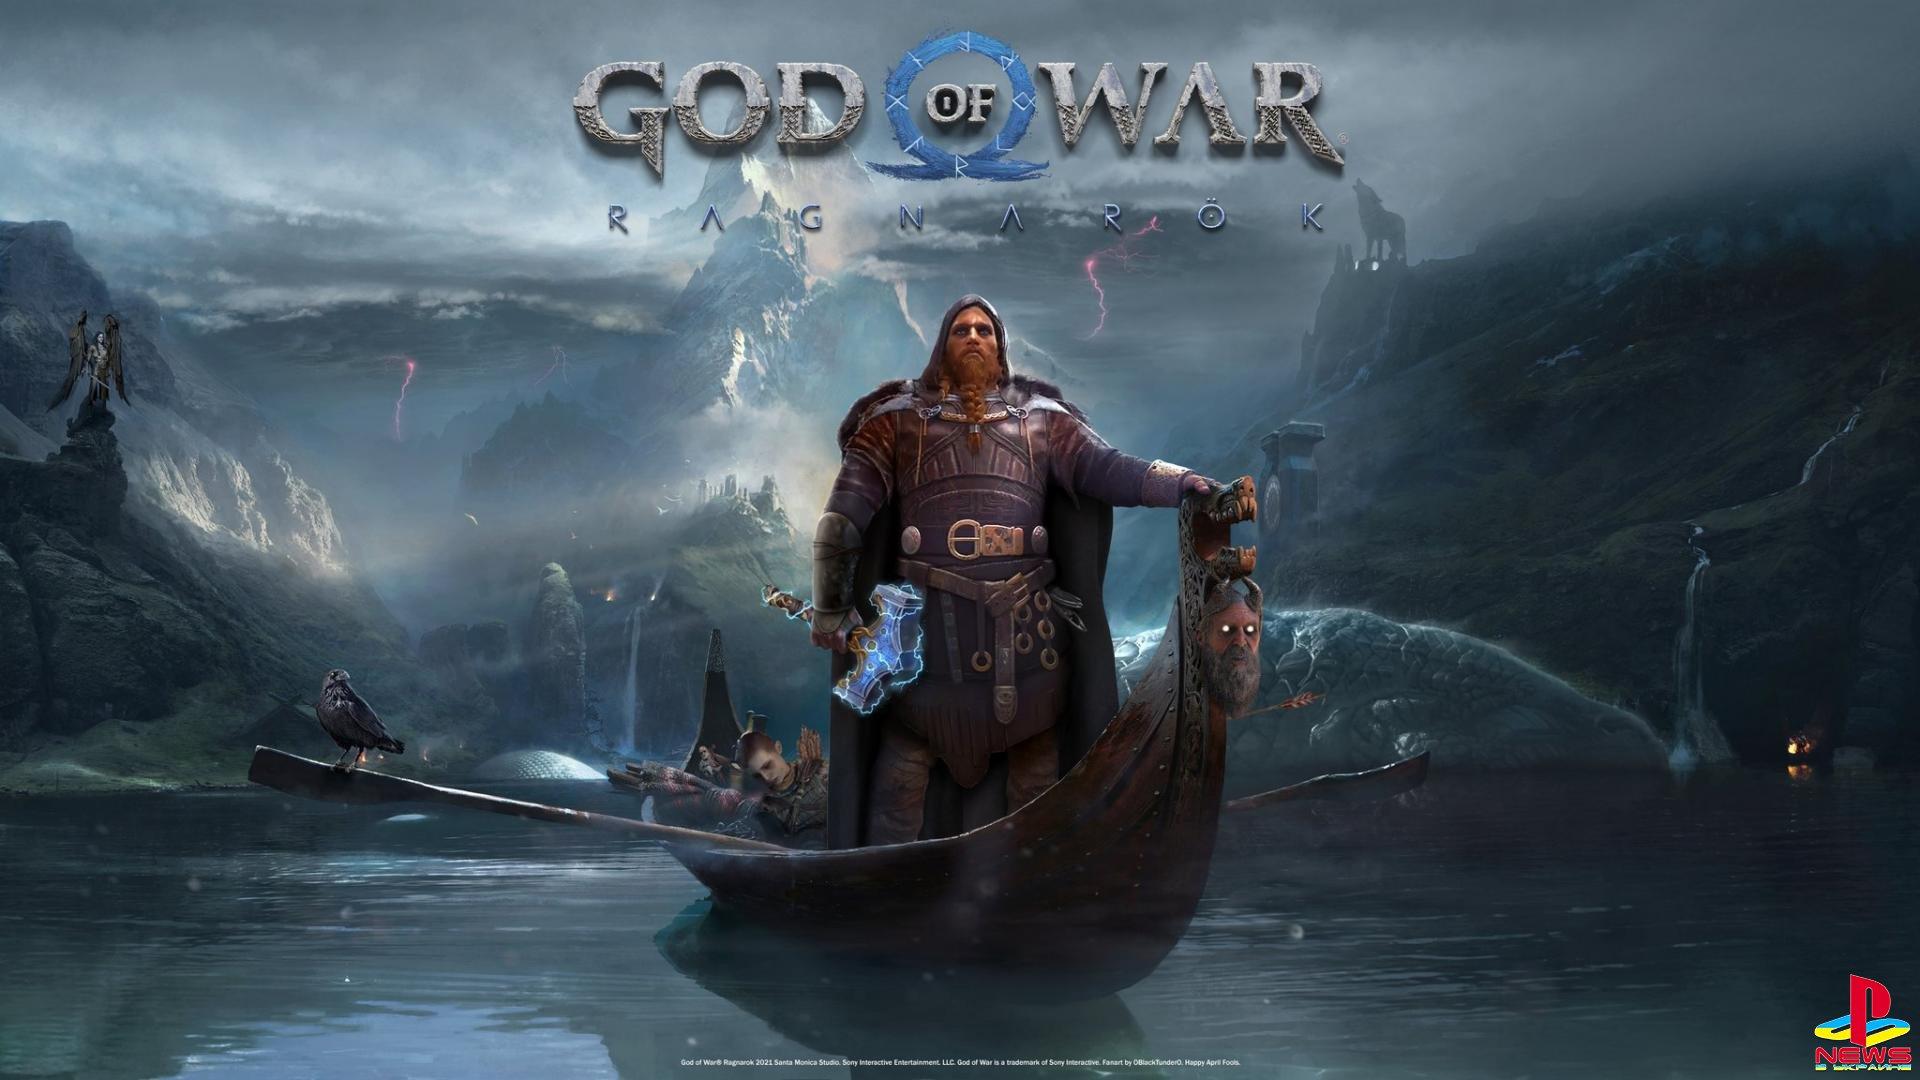 Джейсон Шрайер: продолжение God of War перенесли на 2022 год